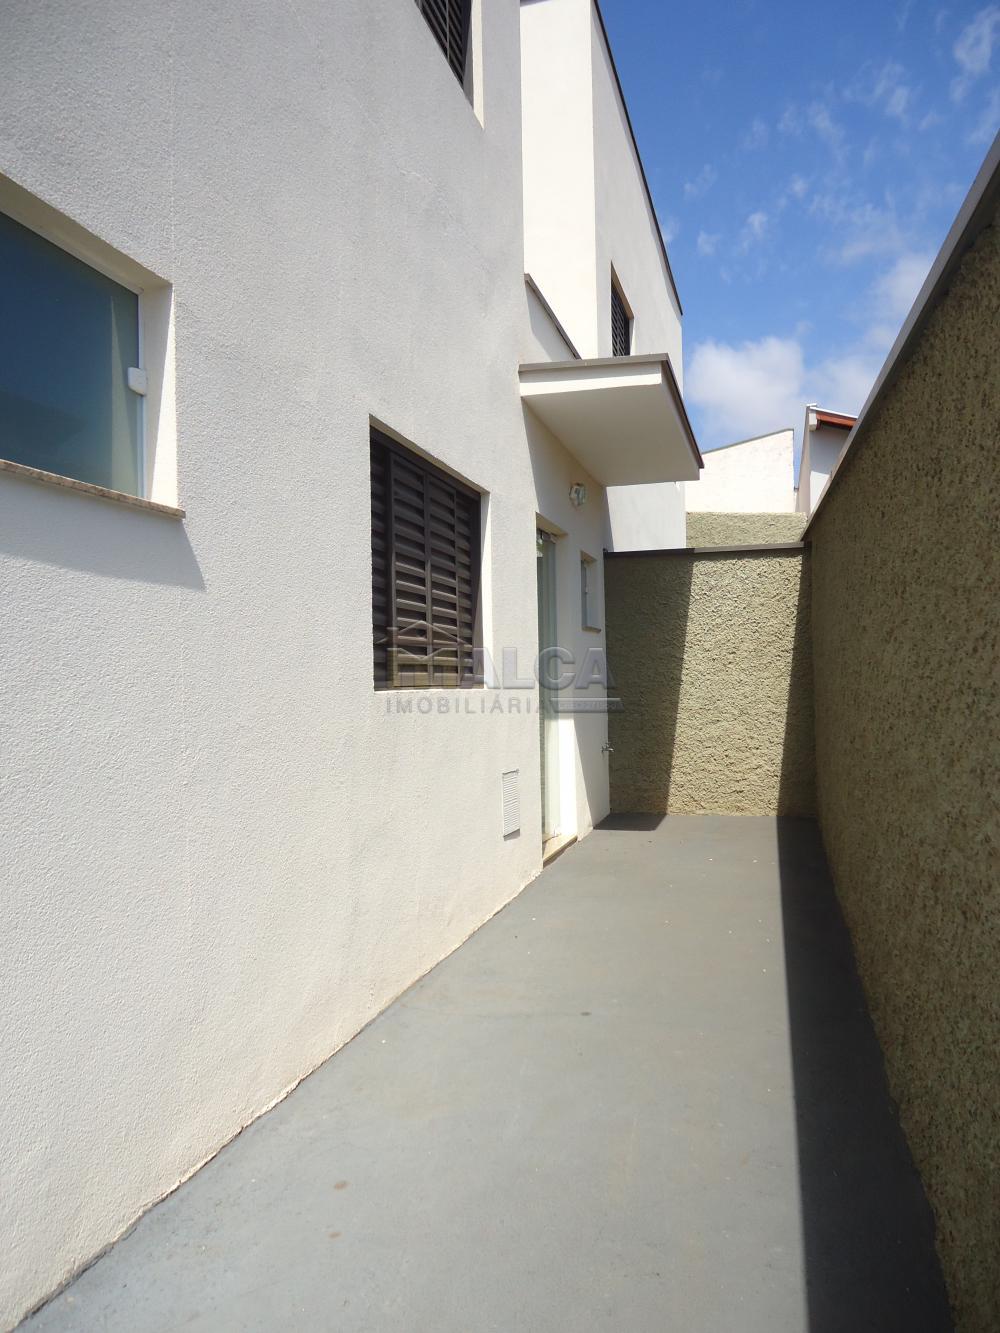 Alugar Apartamentos / Padrão em São José do Rio Pardo R$ 935,00 - Foto 6